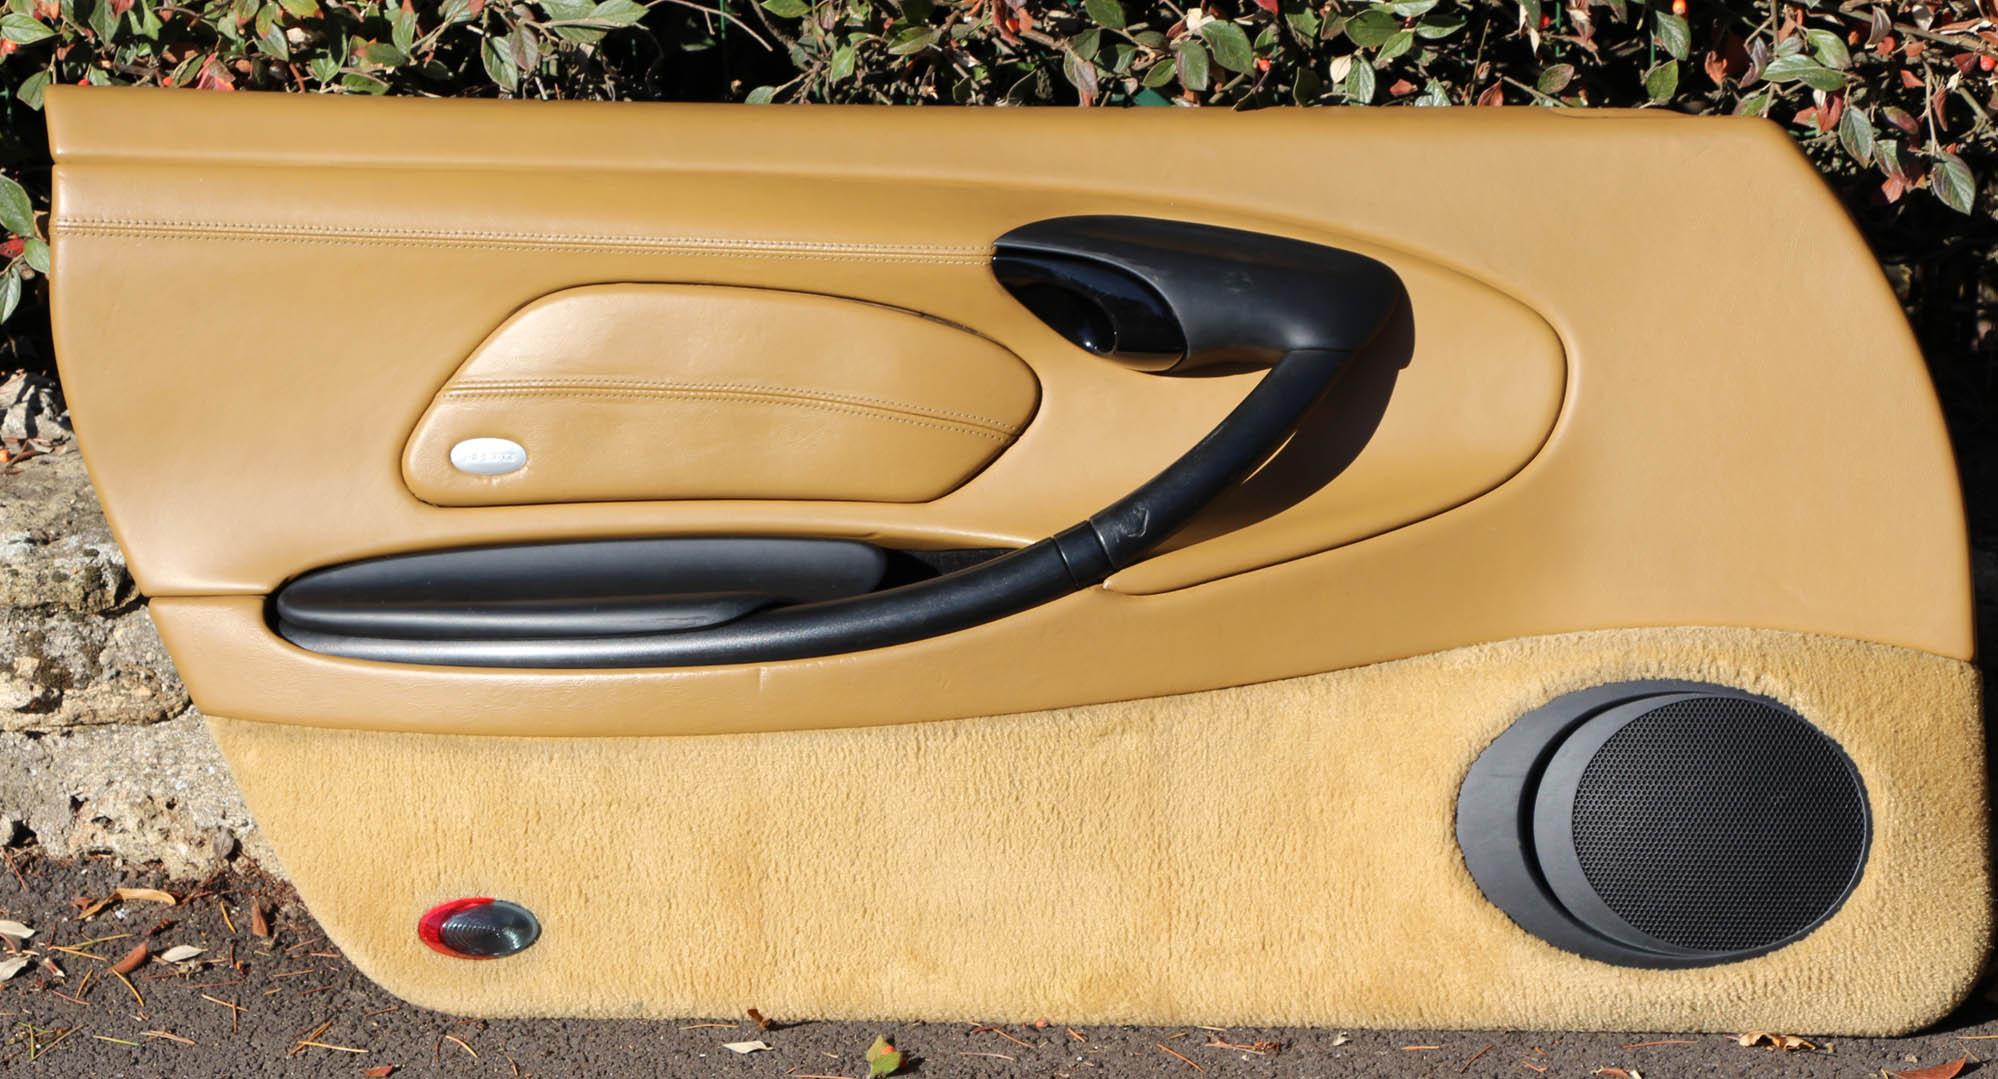 panneau porte beig Boxster 986